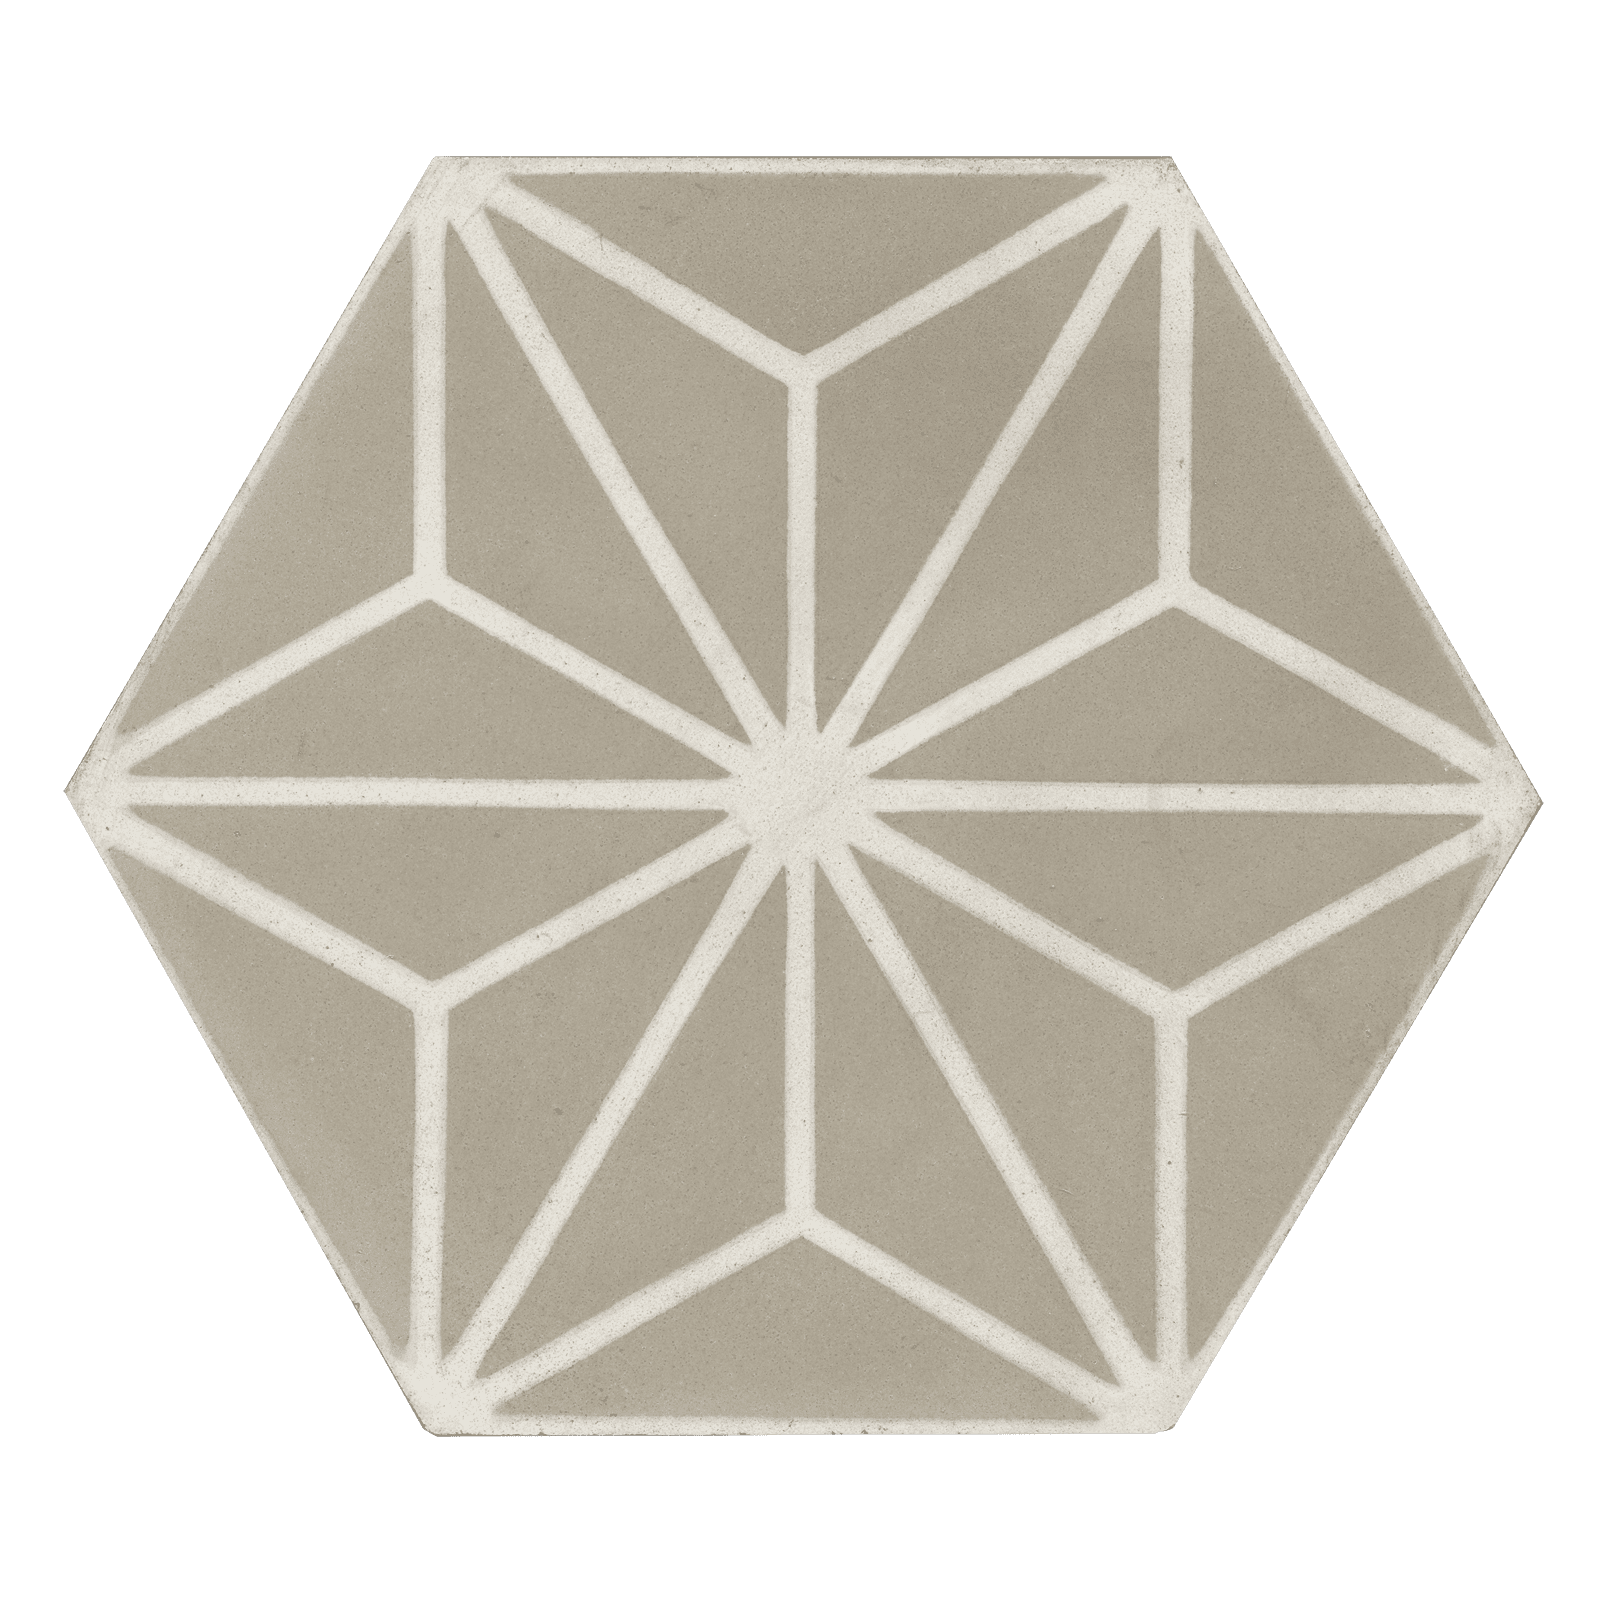 zementmosaikfliesen-nummer-600610-viaplatten | 600610